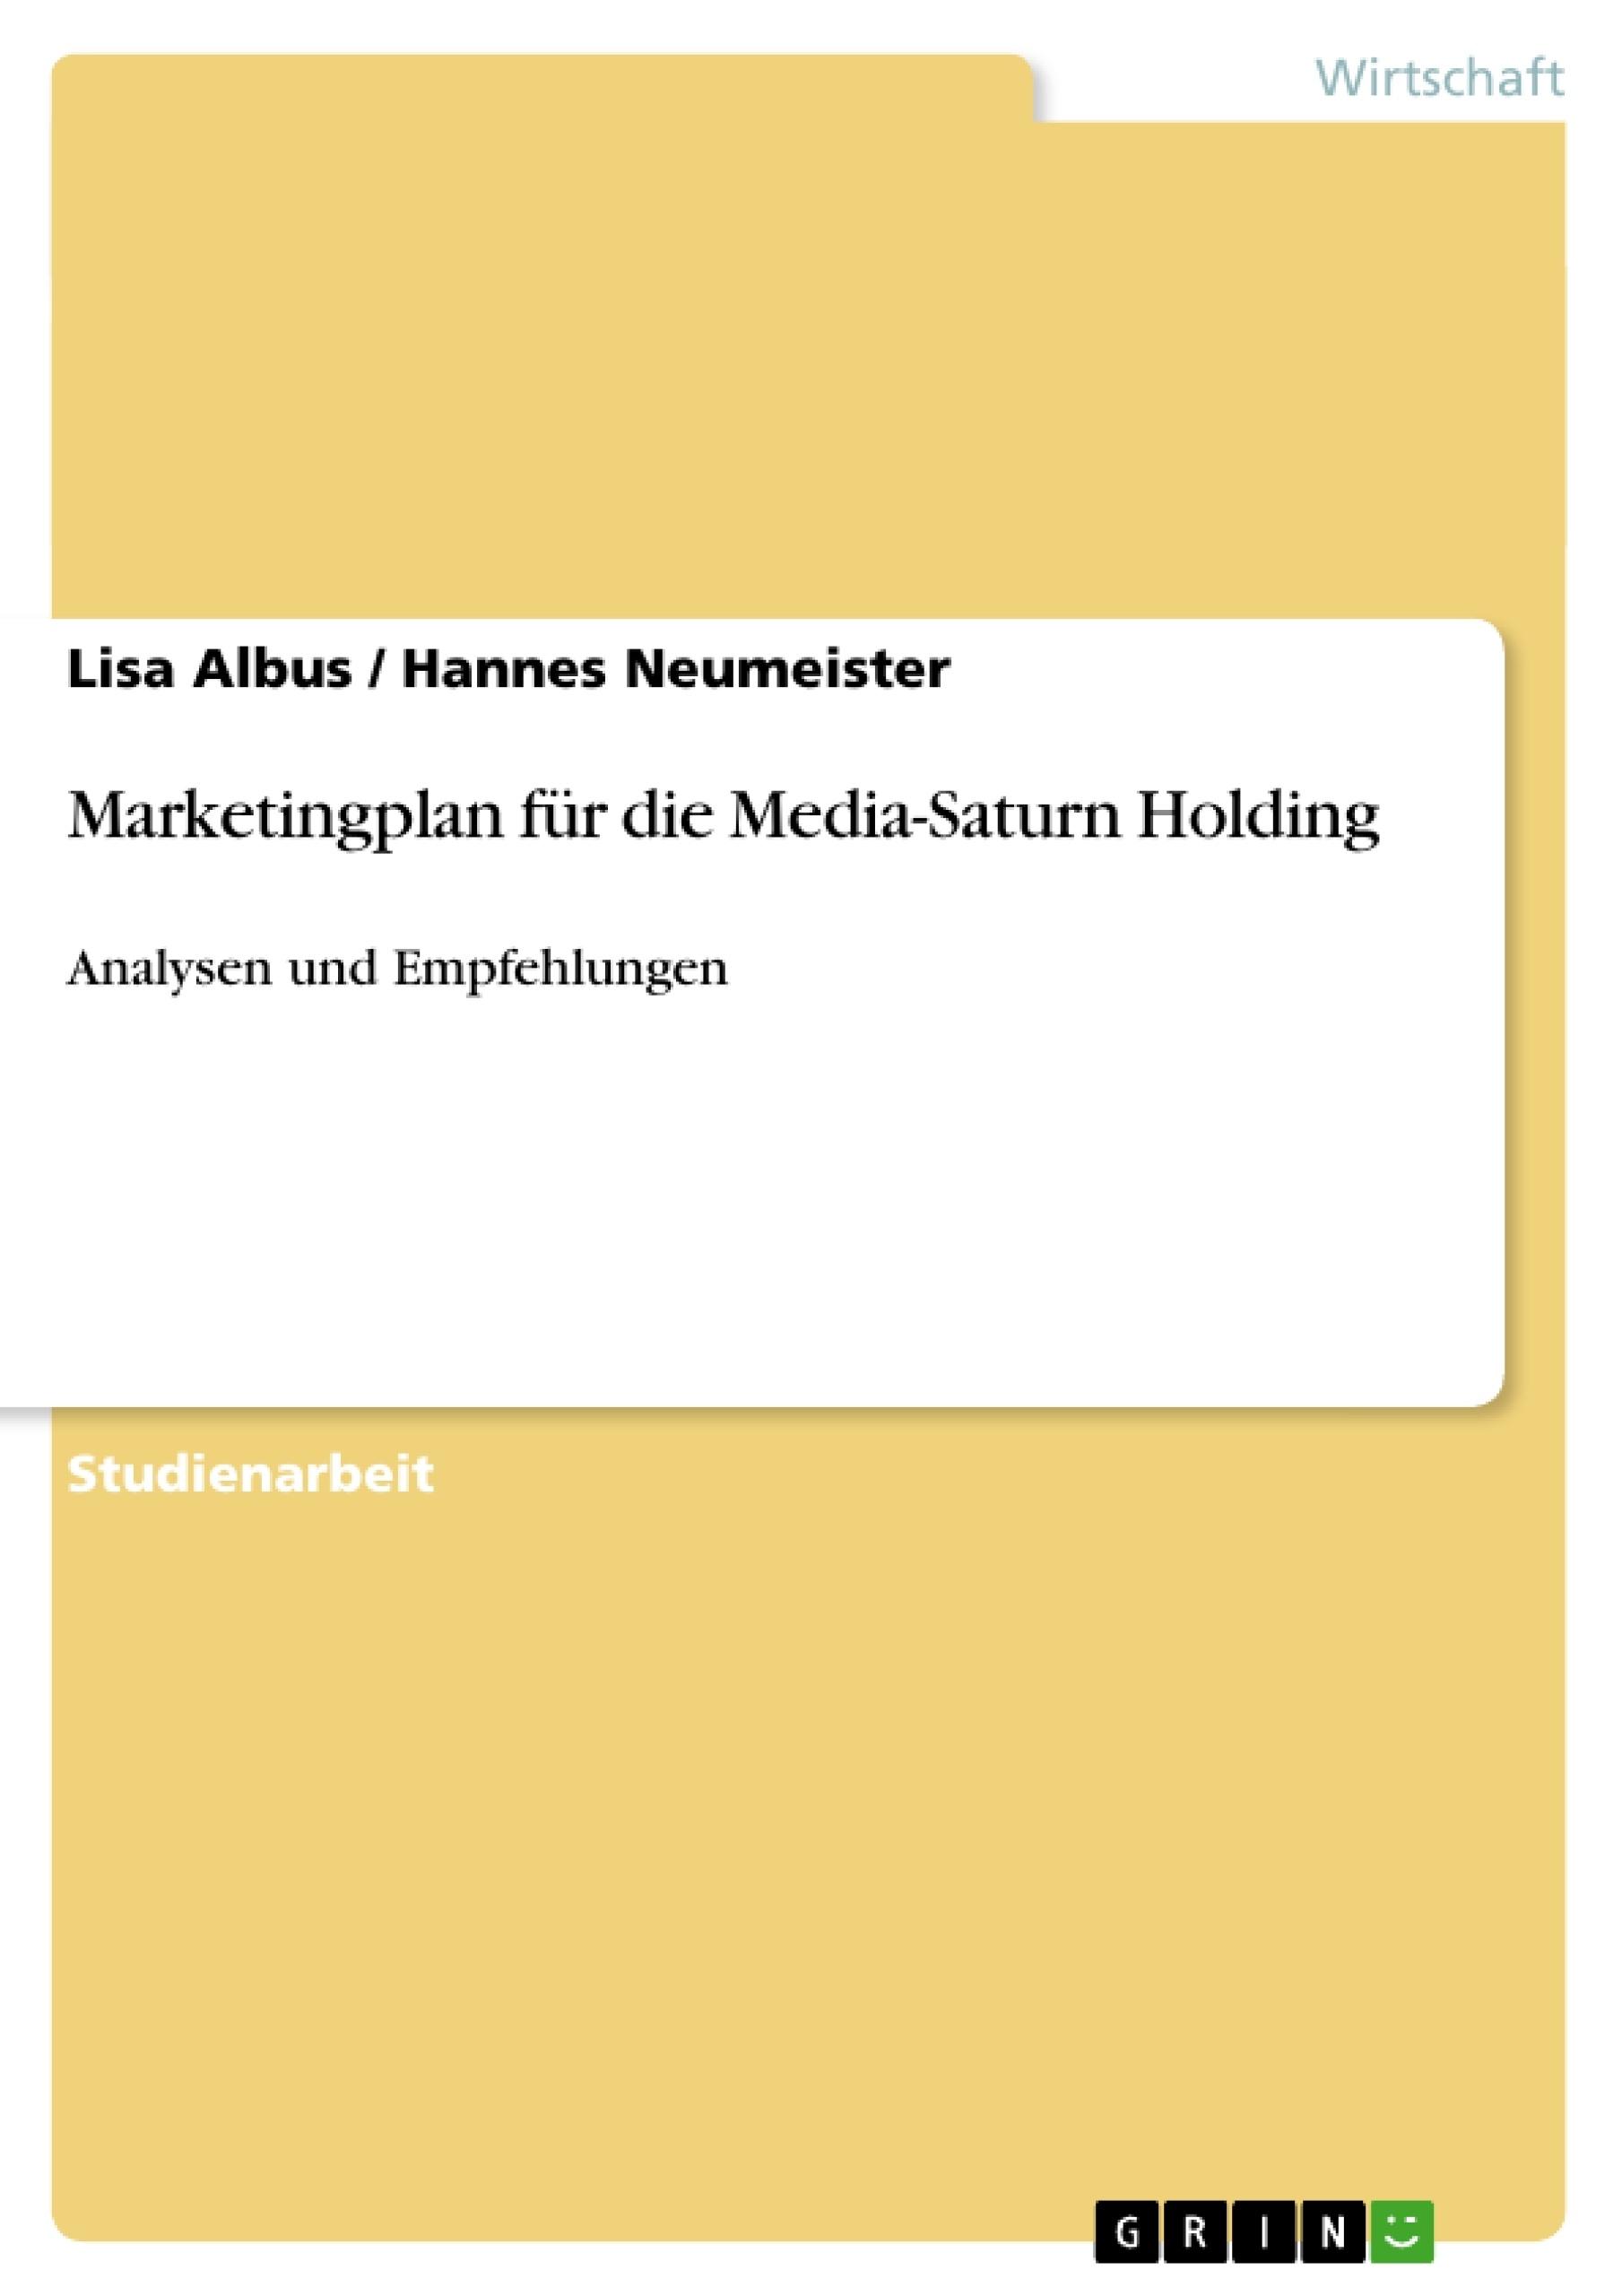 Titel: Marketingplan für die Media-Saturn Holding